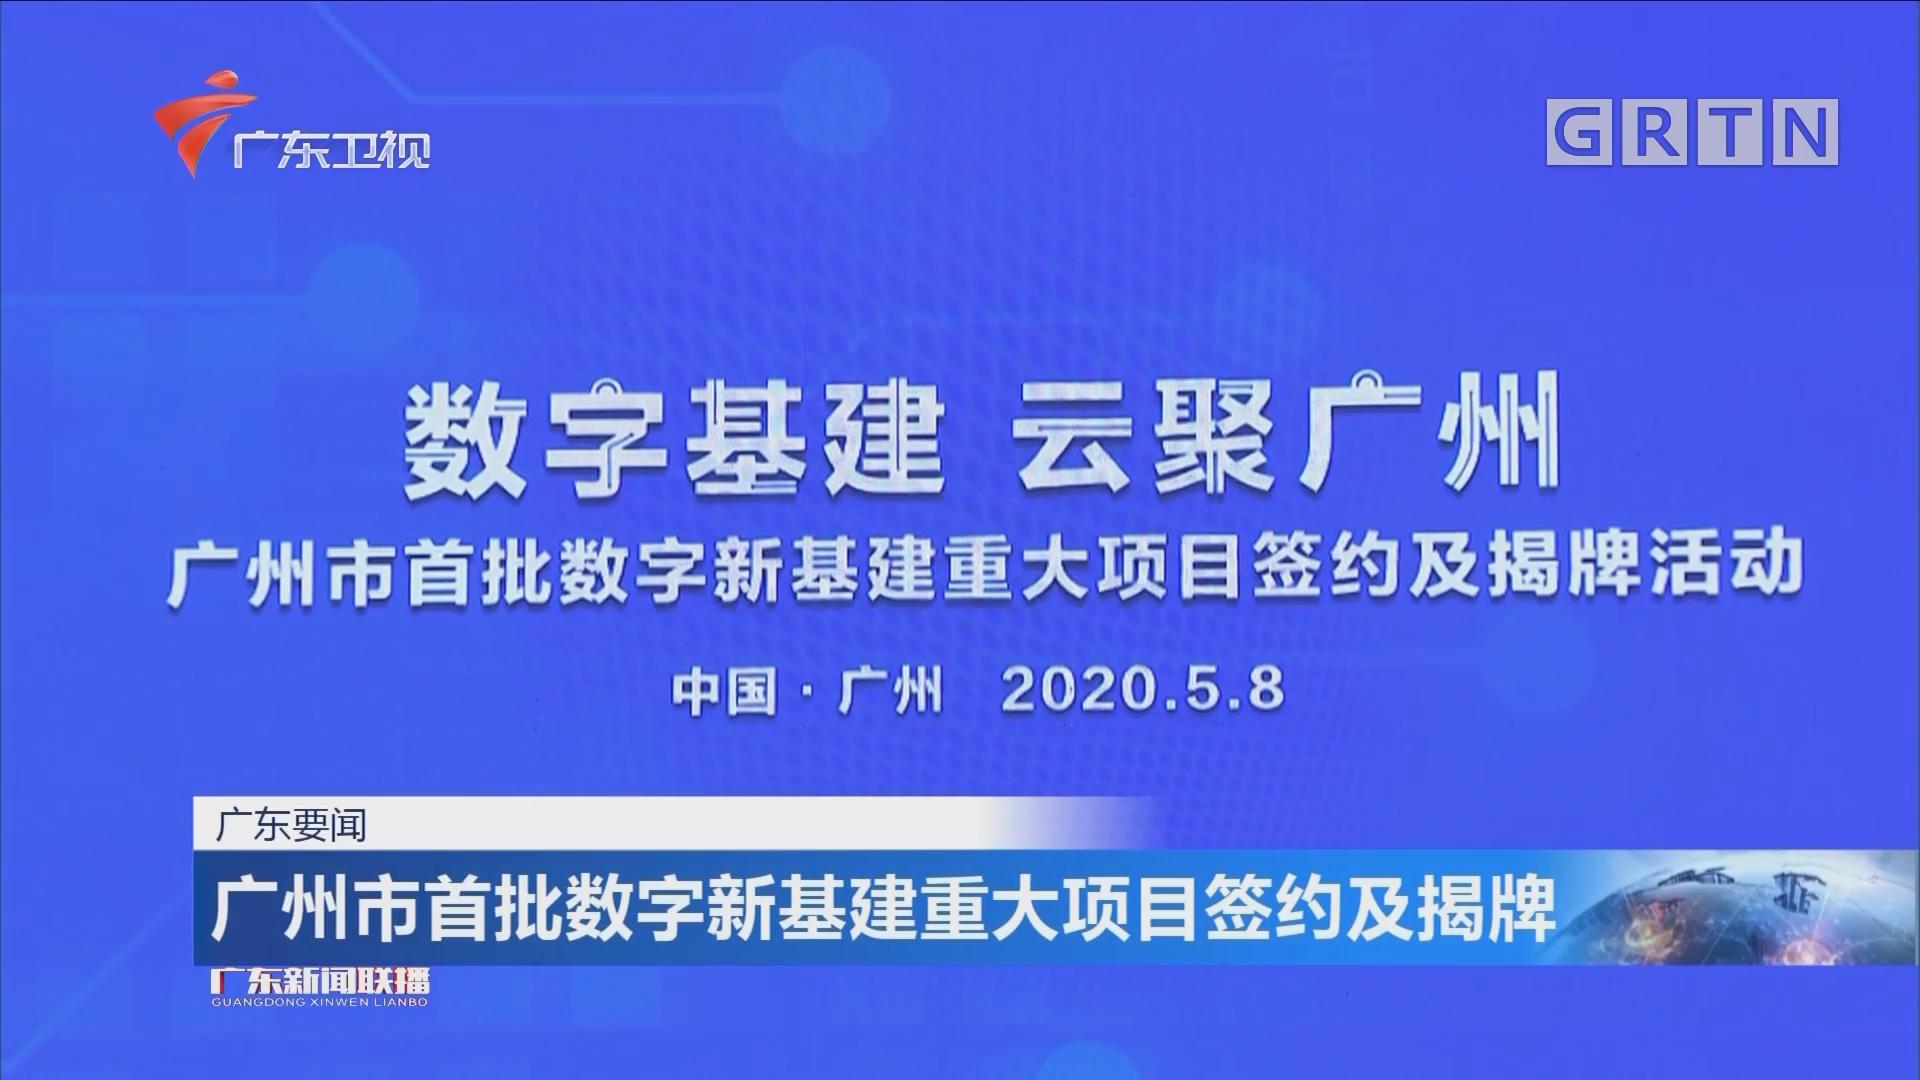 廣州市首批數字新基建重大項目簽約及揭牌